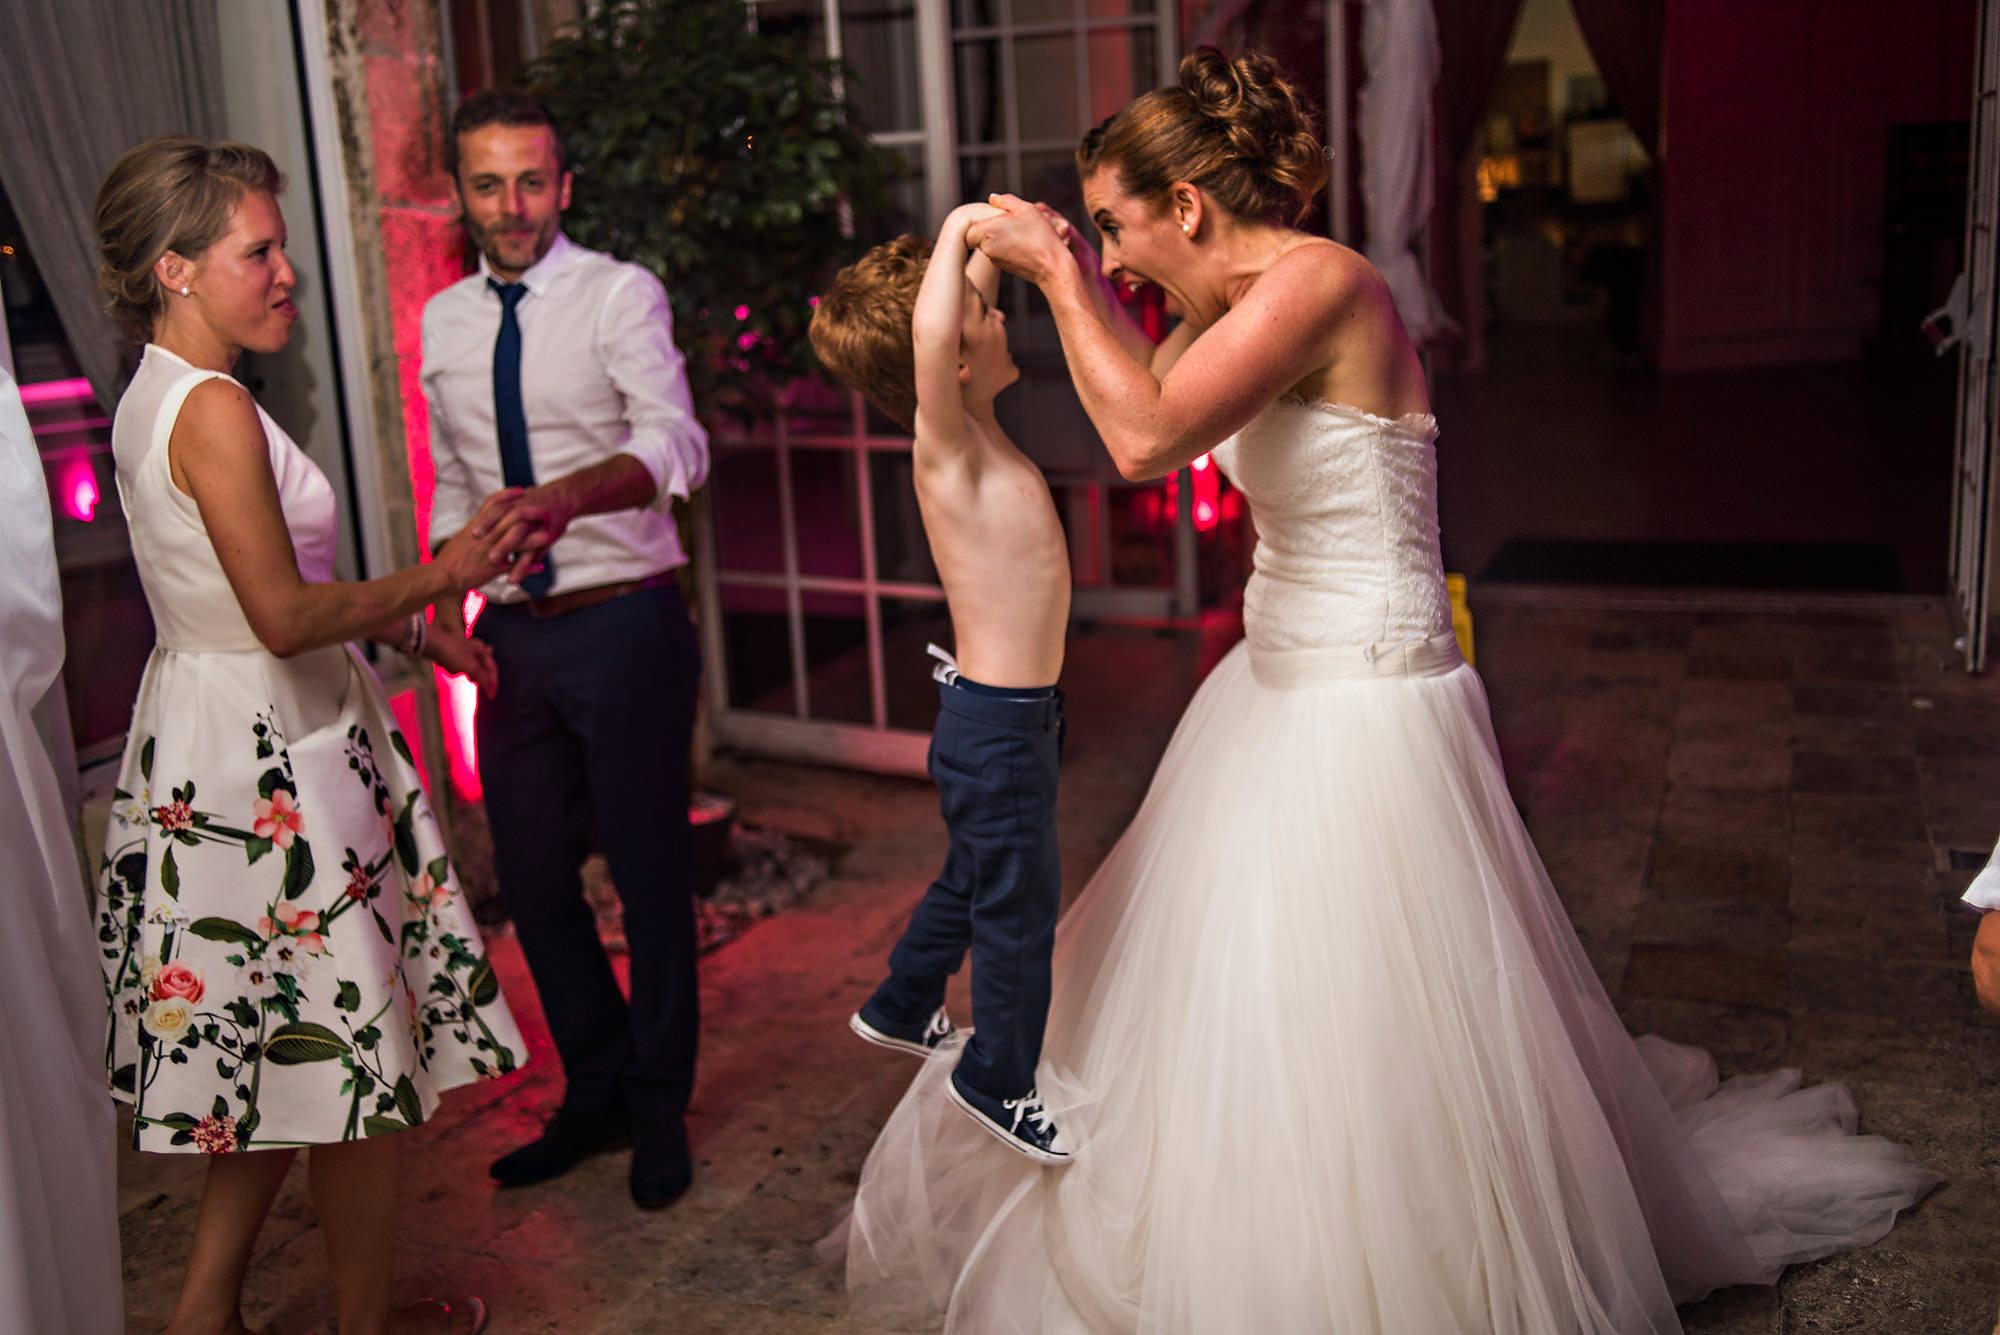 Danny frishmuth wedding